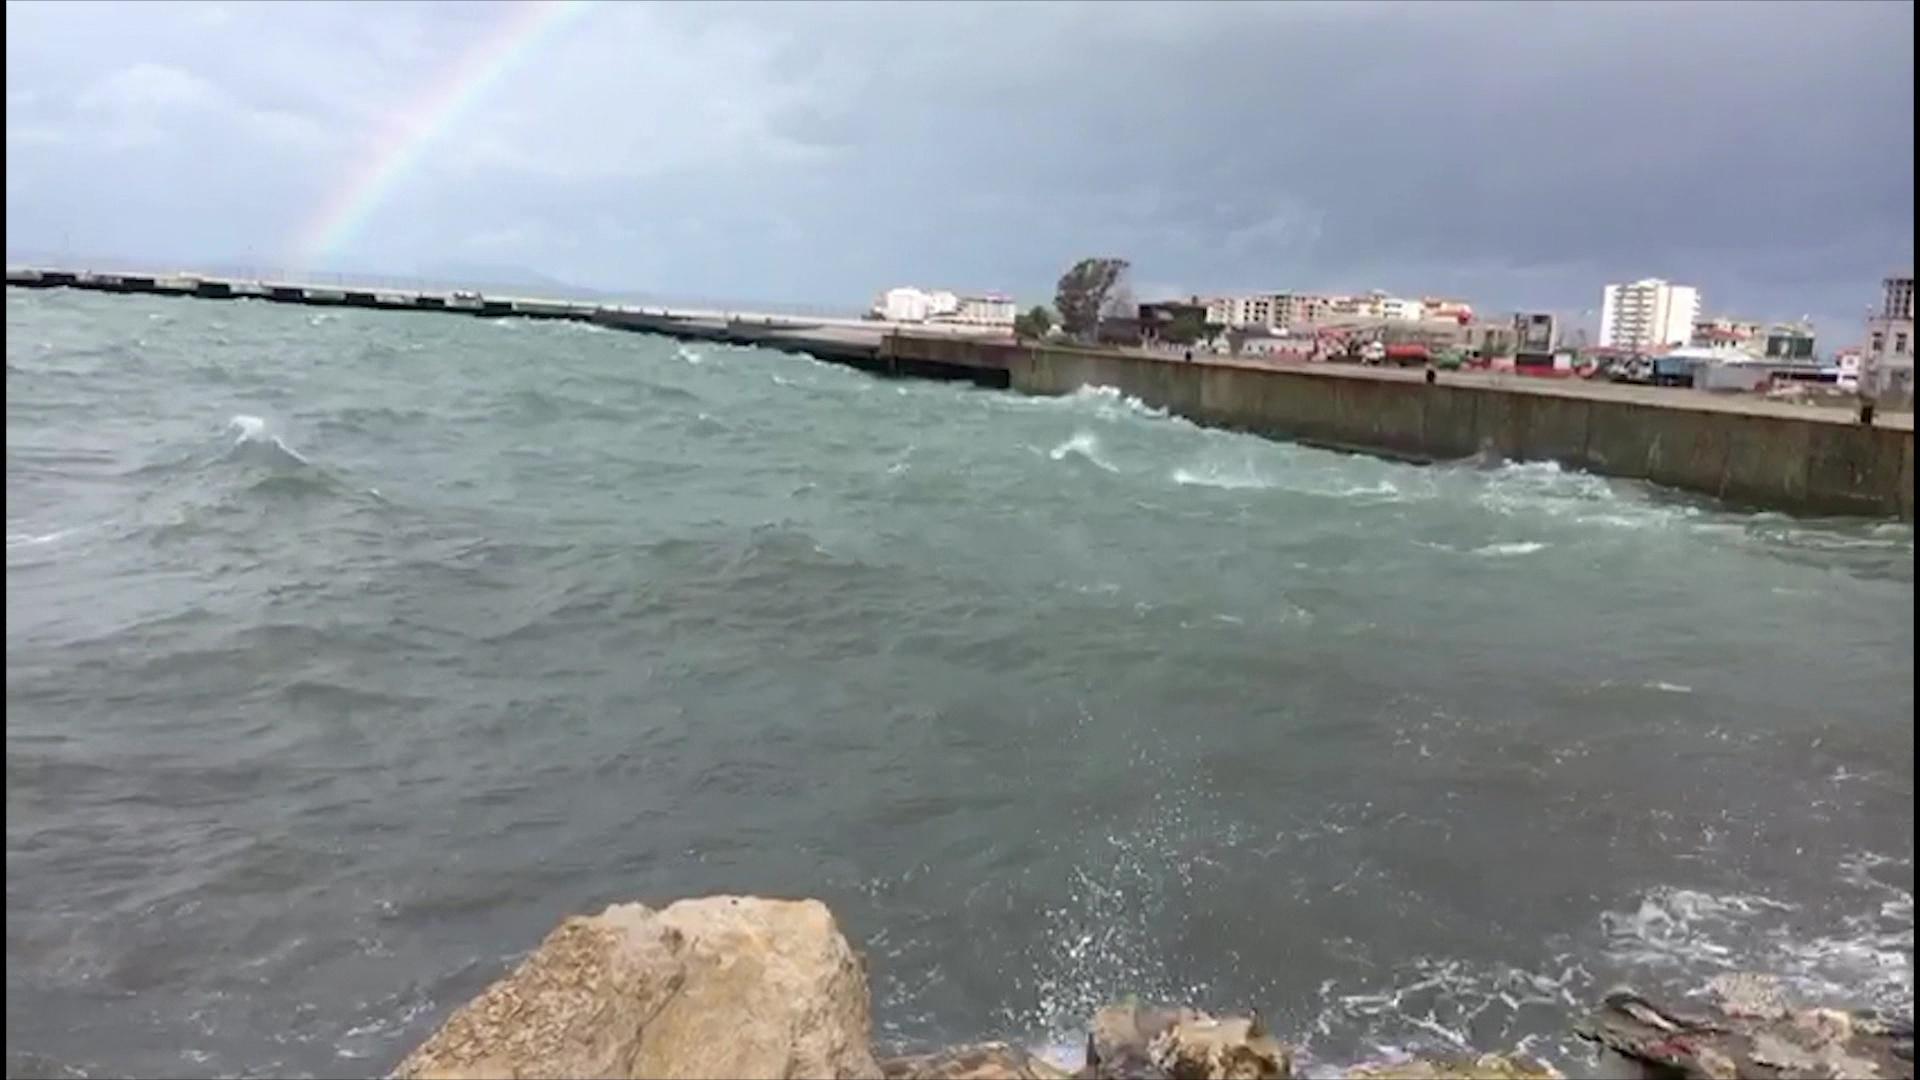 Deti 8 ballë nga era e fuqishme në Vlorë/Pezullohet lundrimi i anijeve